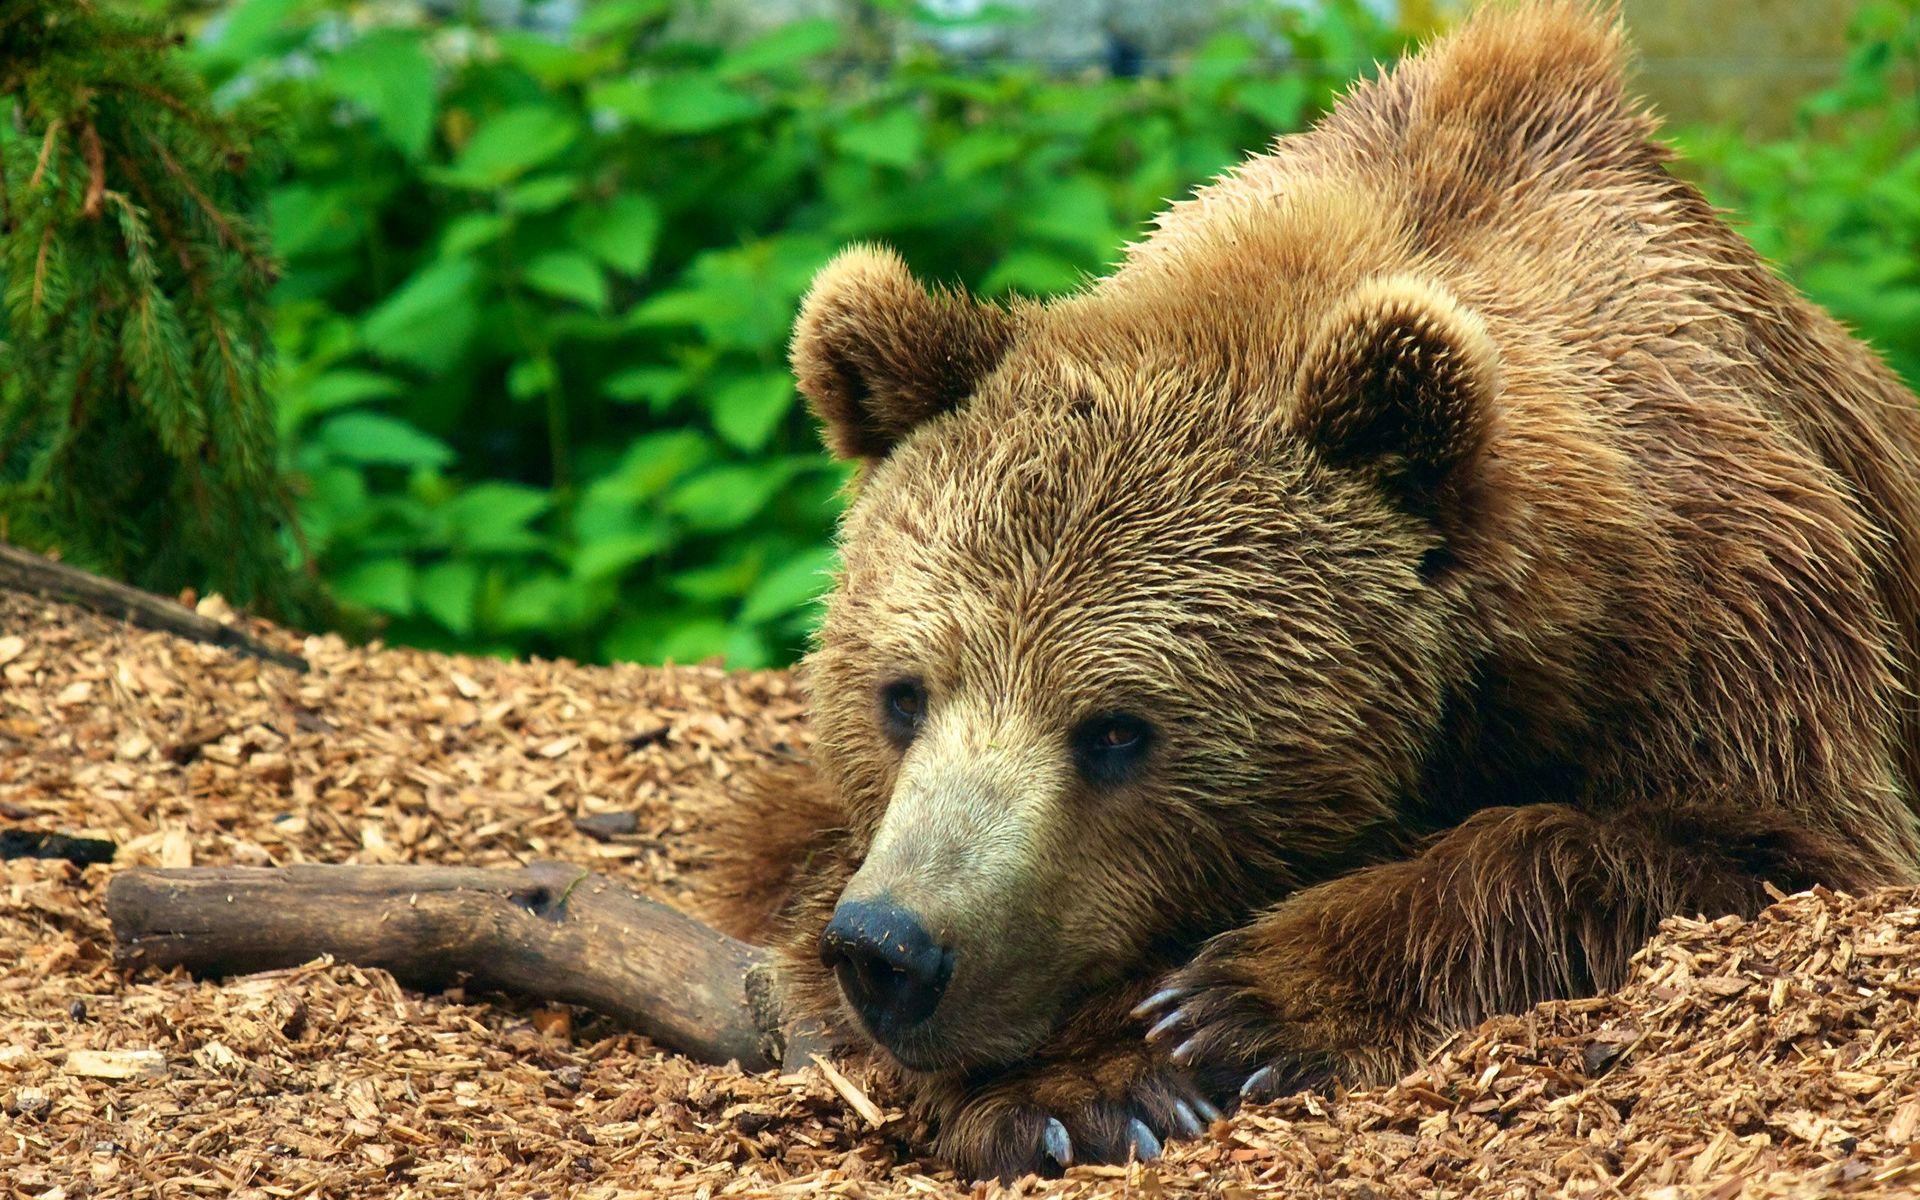 صور صور حيوانات , صور للحيوانات بجودة عالية